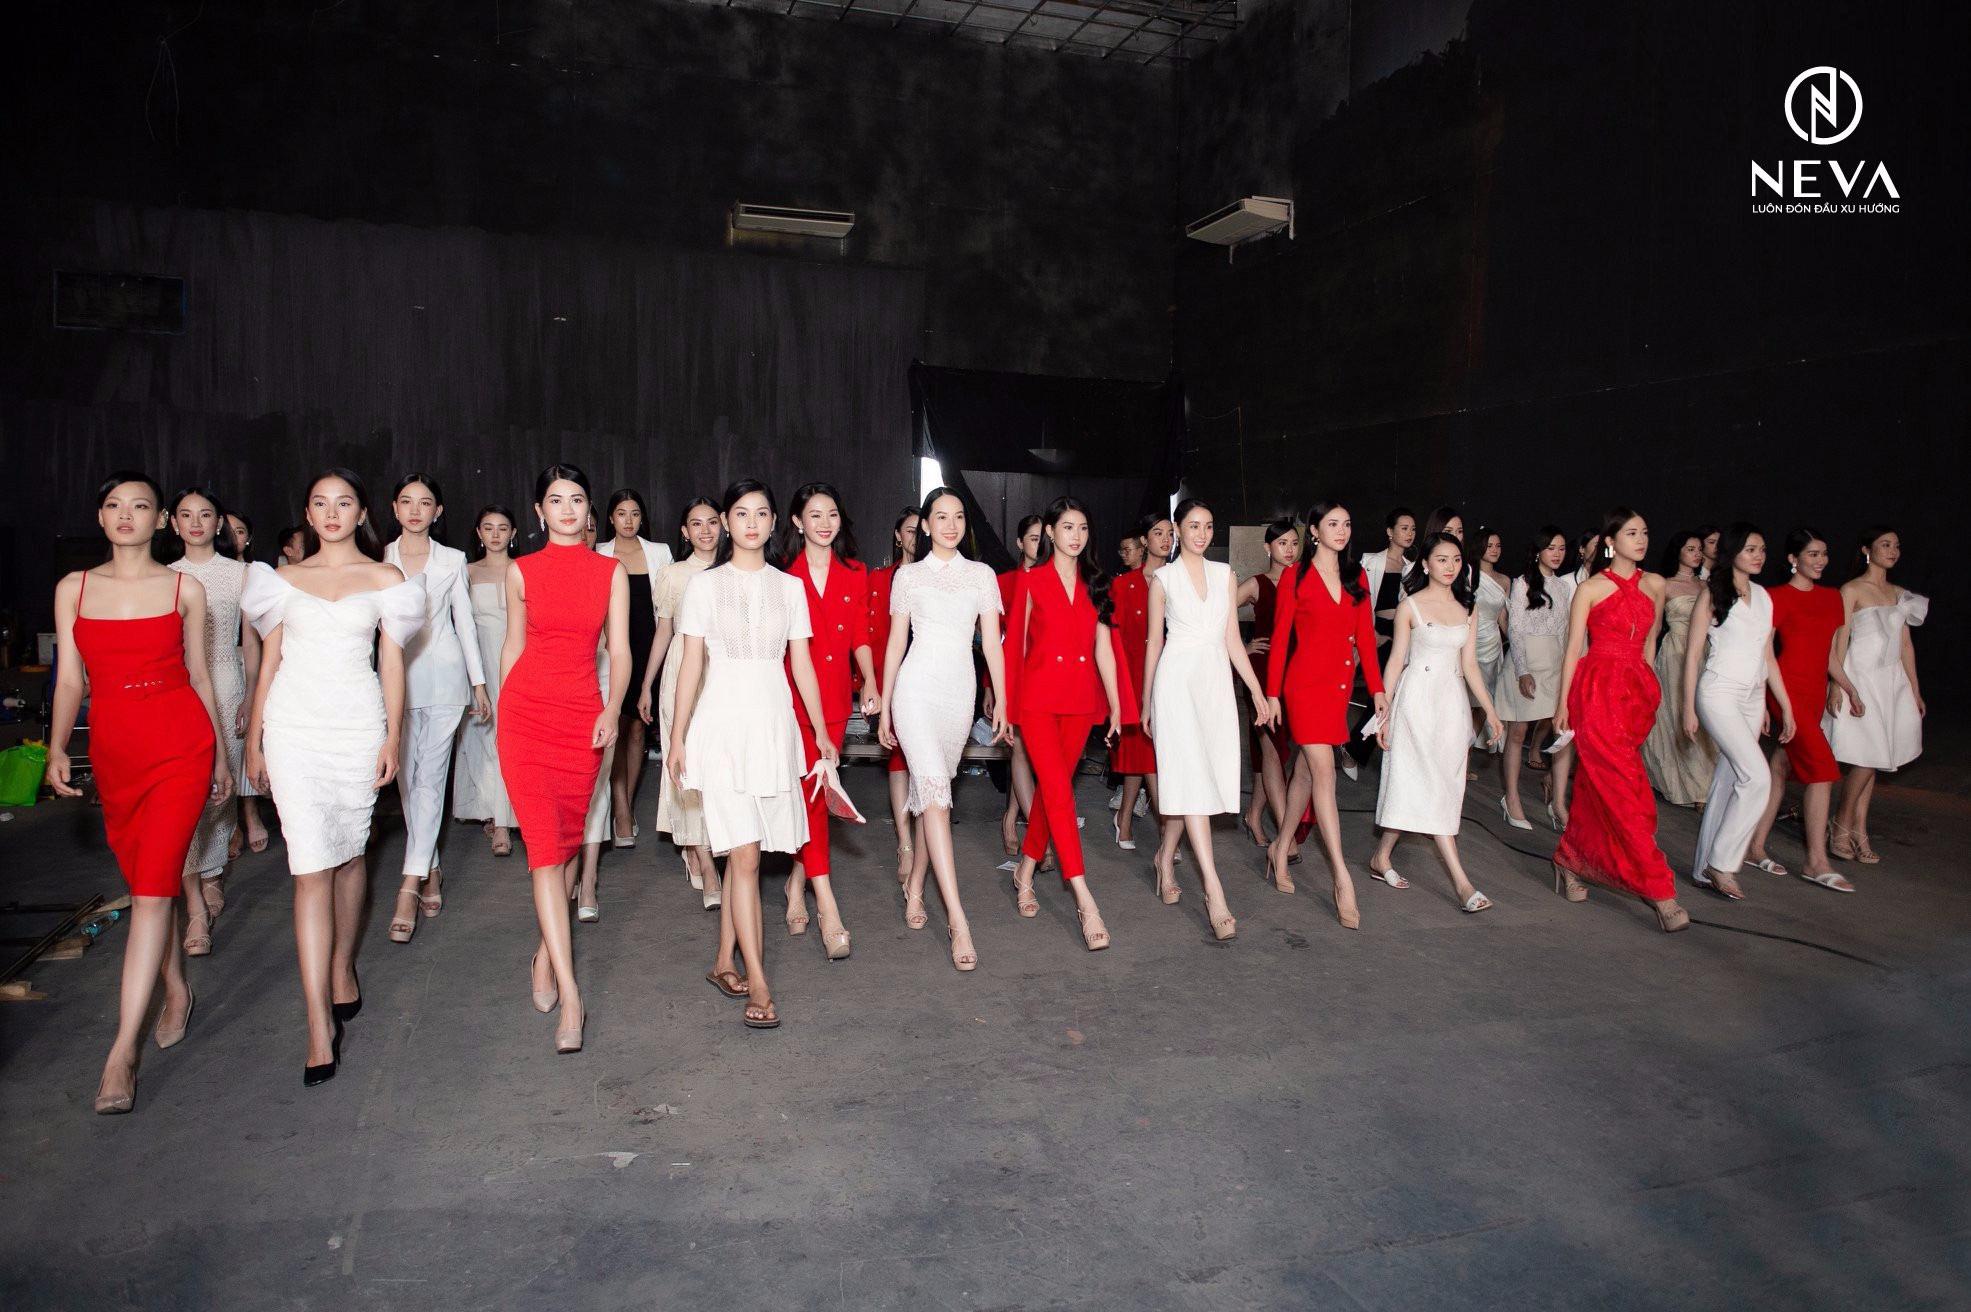 NEVA tự hào là nhà thiết kế thời trang hoa hậu việt nam 2020 - Ảnh 2.